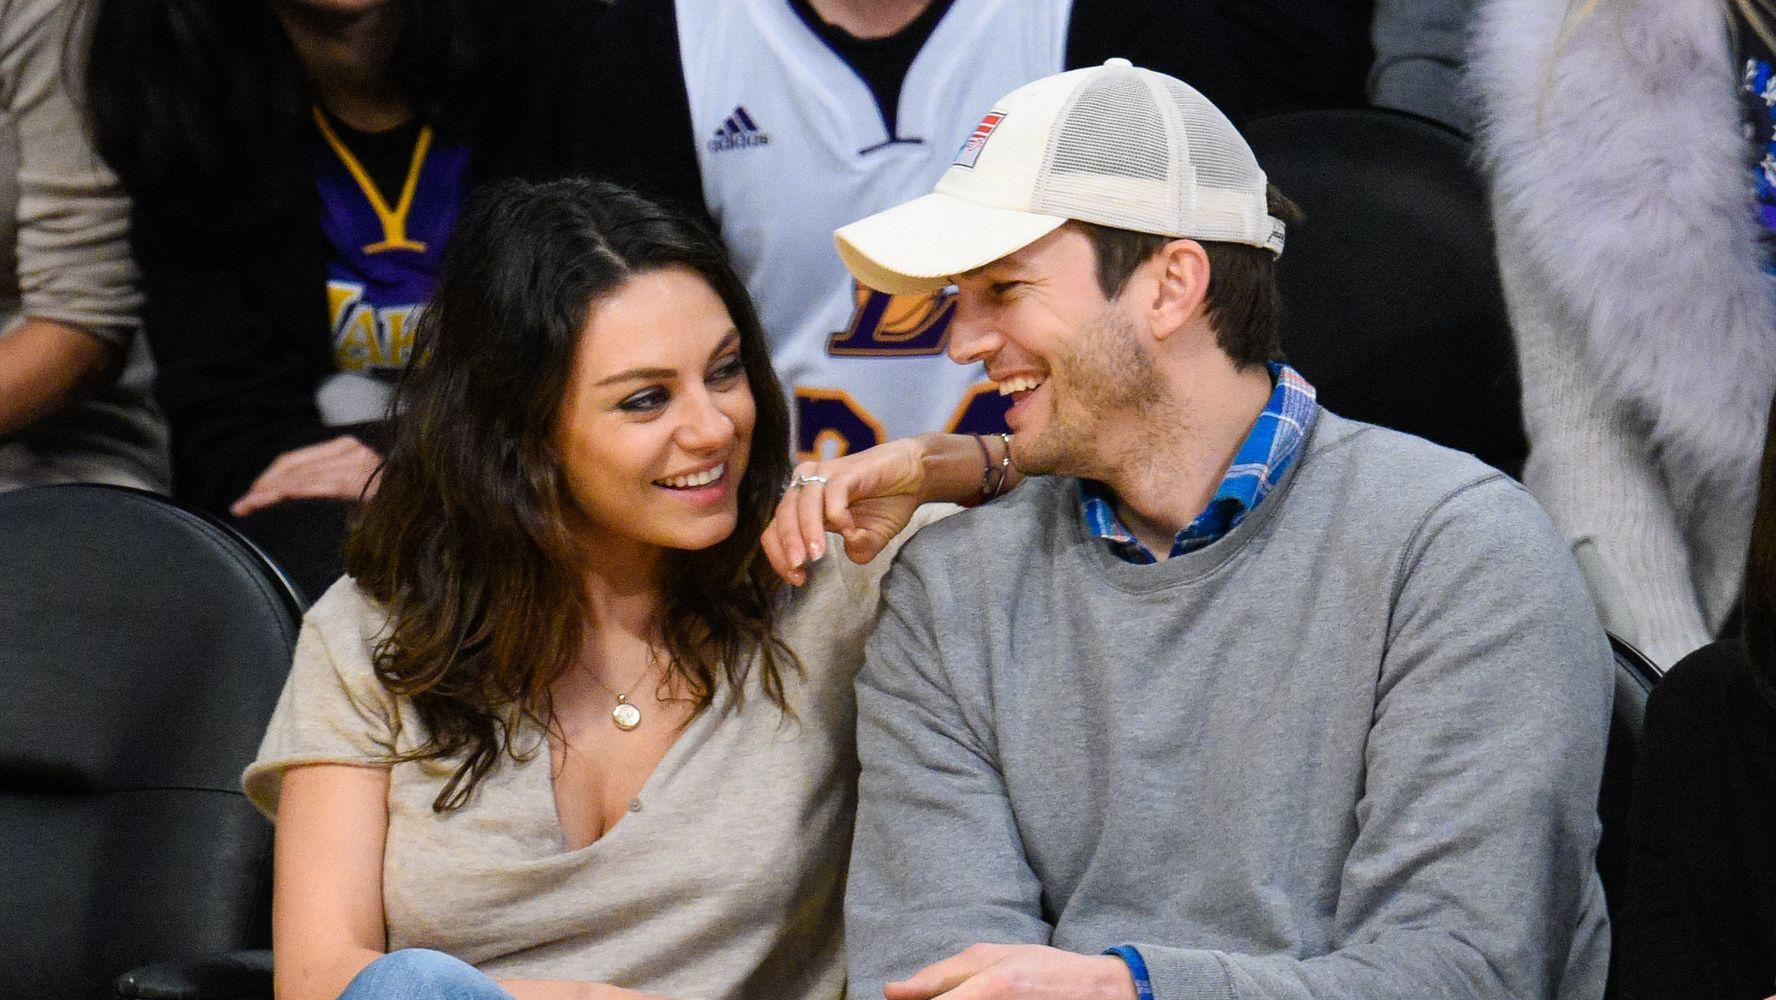 Ashton Kutcher Dishes On His Top-Secret Wedding To Mila Kunis